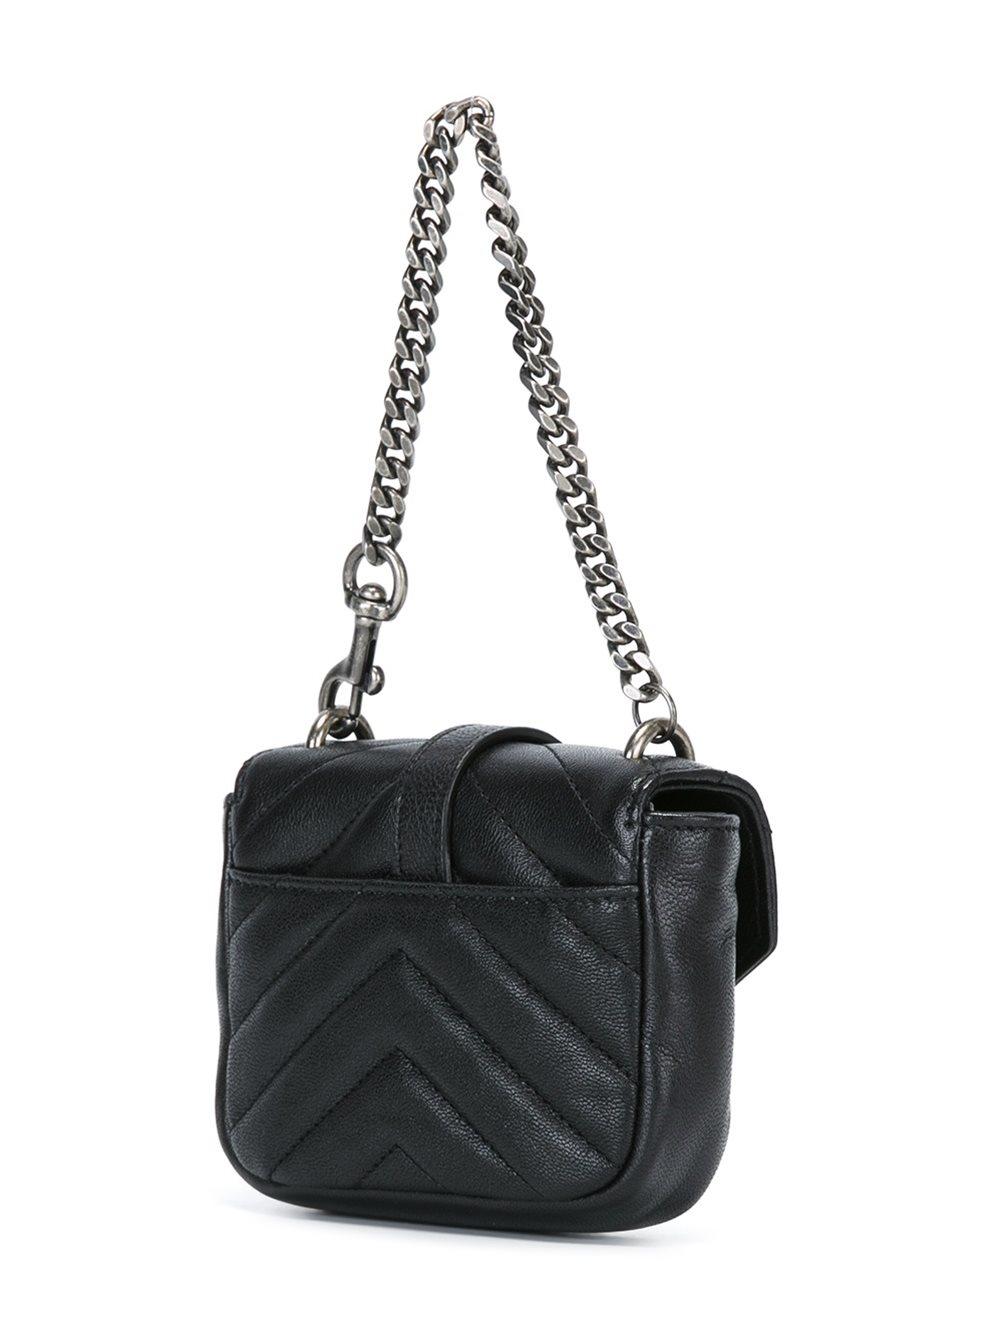 Saint Laurent Mini College Leather Bag In Black Lyst